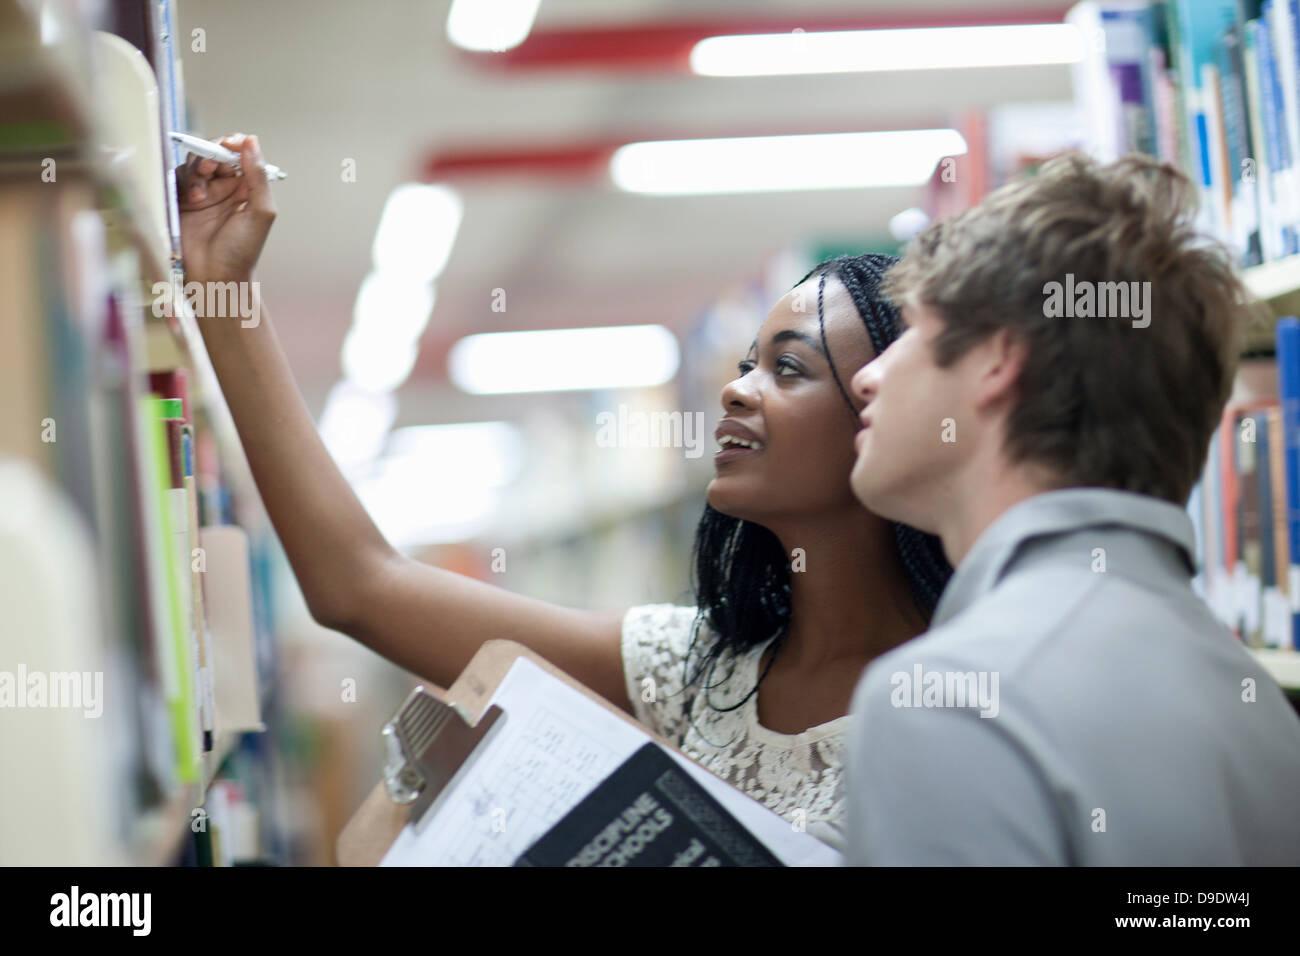 Los estudiantes que elijan los libros en la biblioteca Imagen De Stock